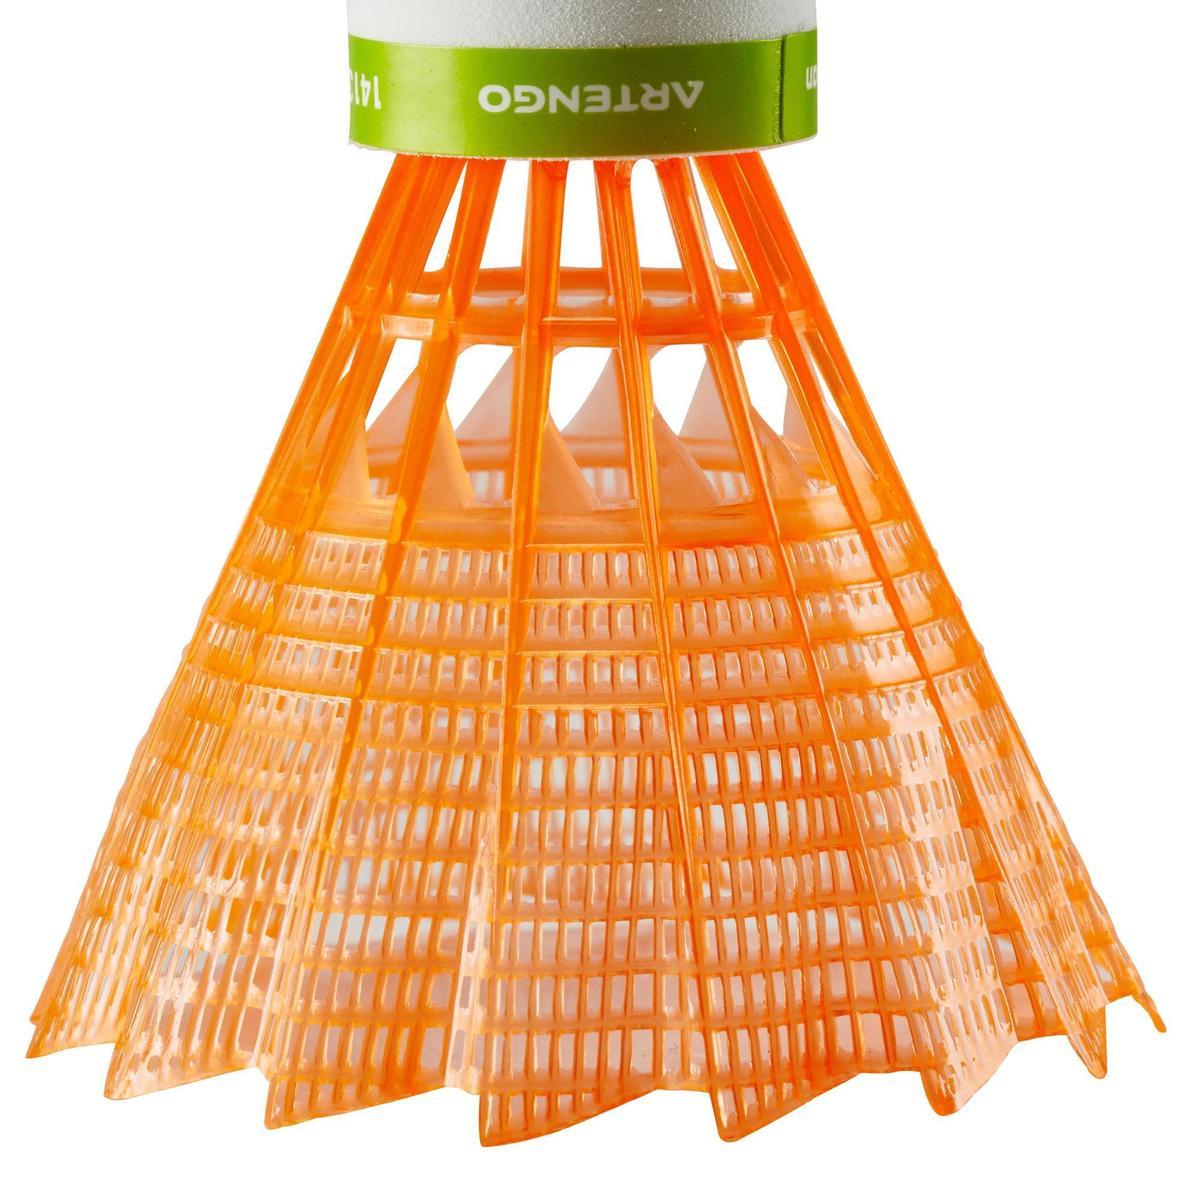 Bild 4 von Badmintonball Federball BSC700 Kunststoff 1 Stk. orange